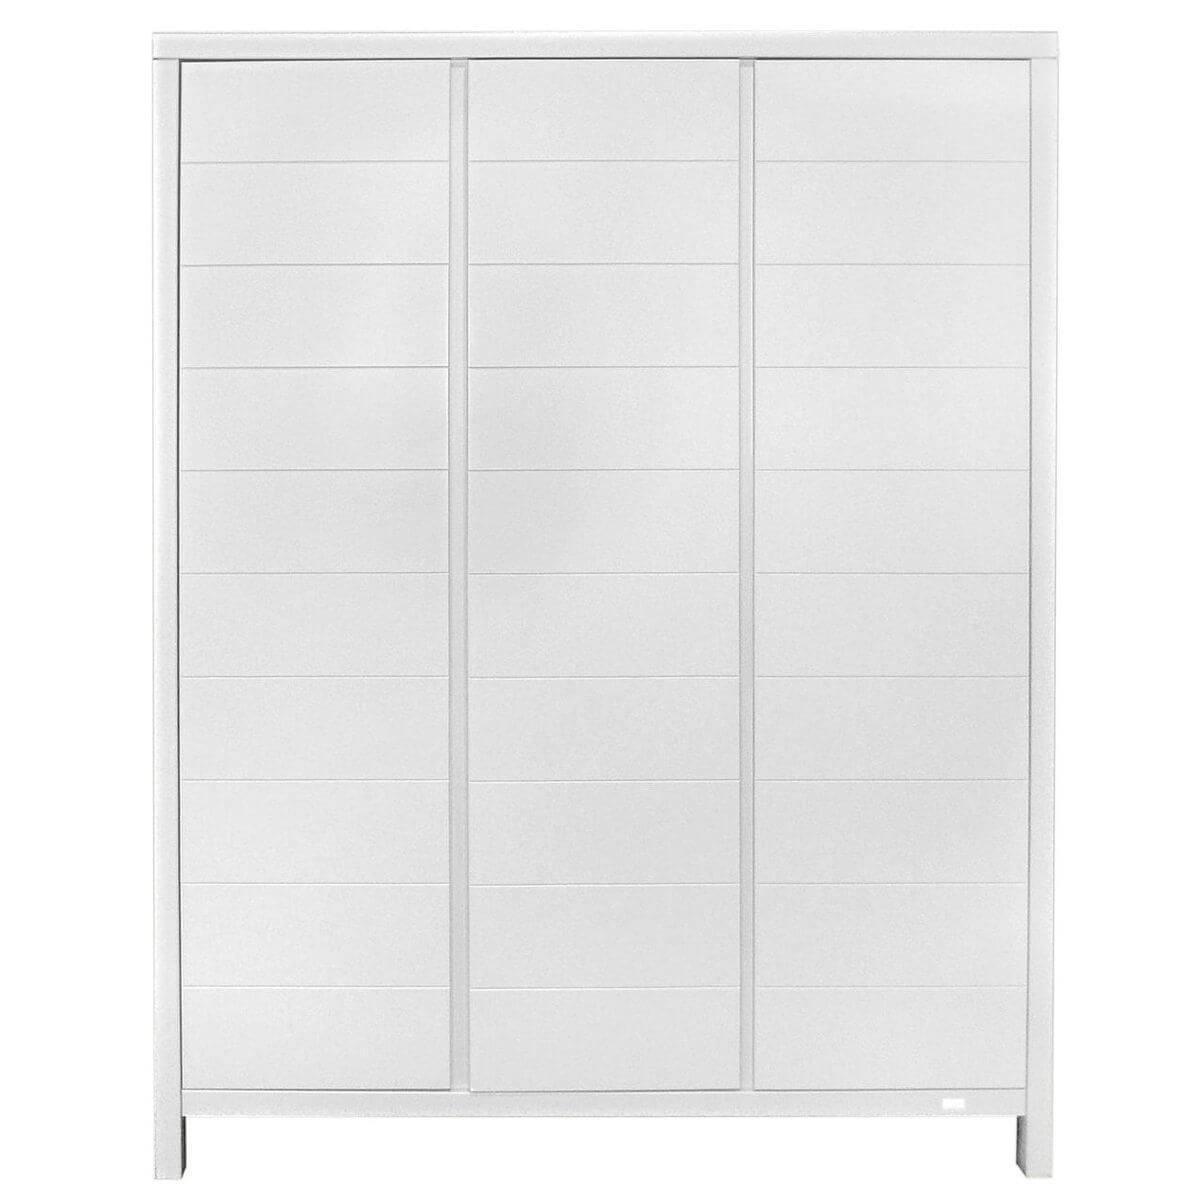 Kleiderschrank 3 Türen STRIPES Quax weiß